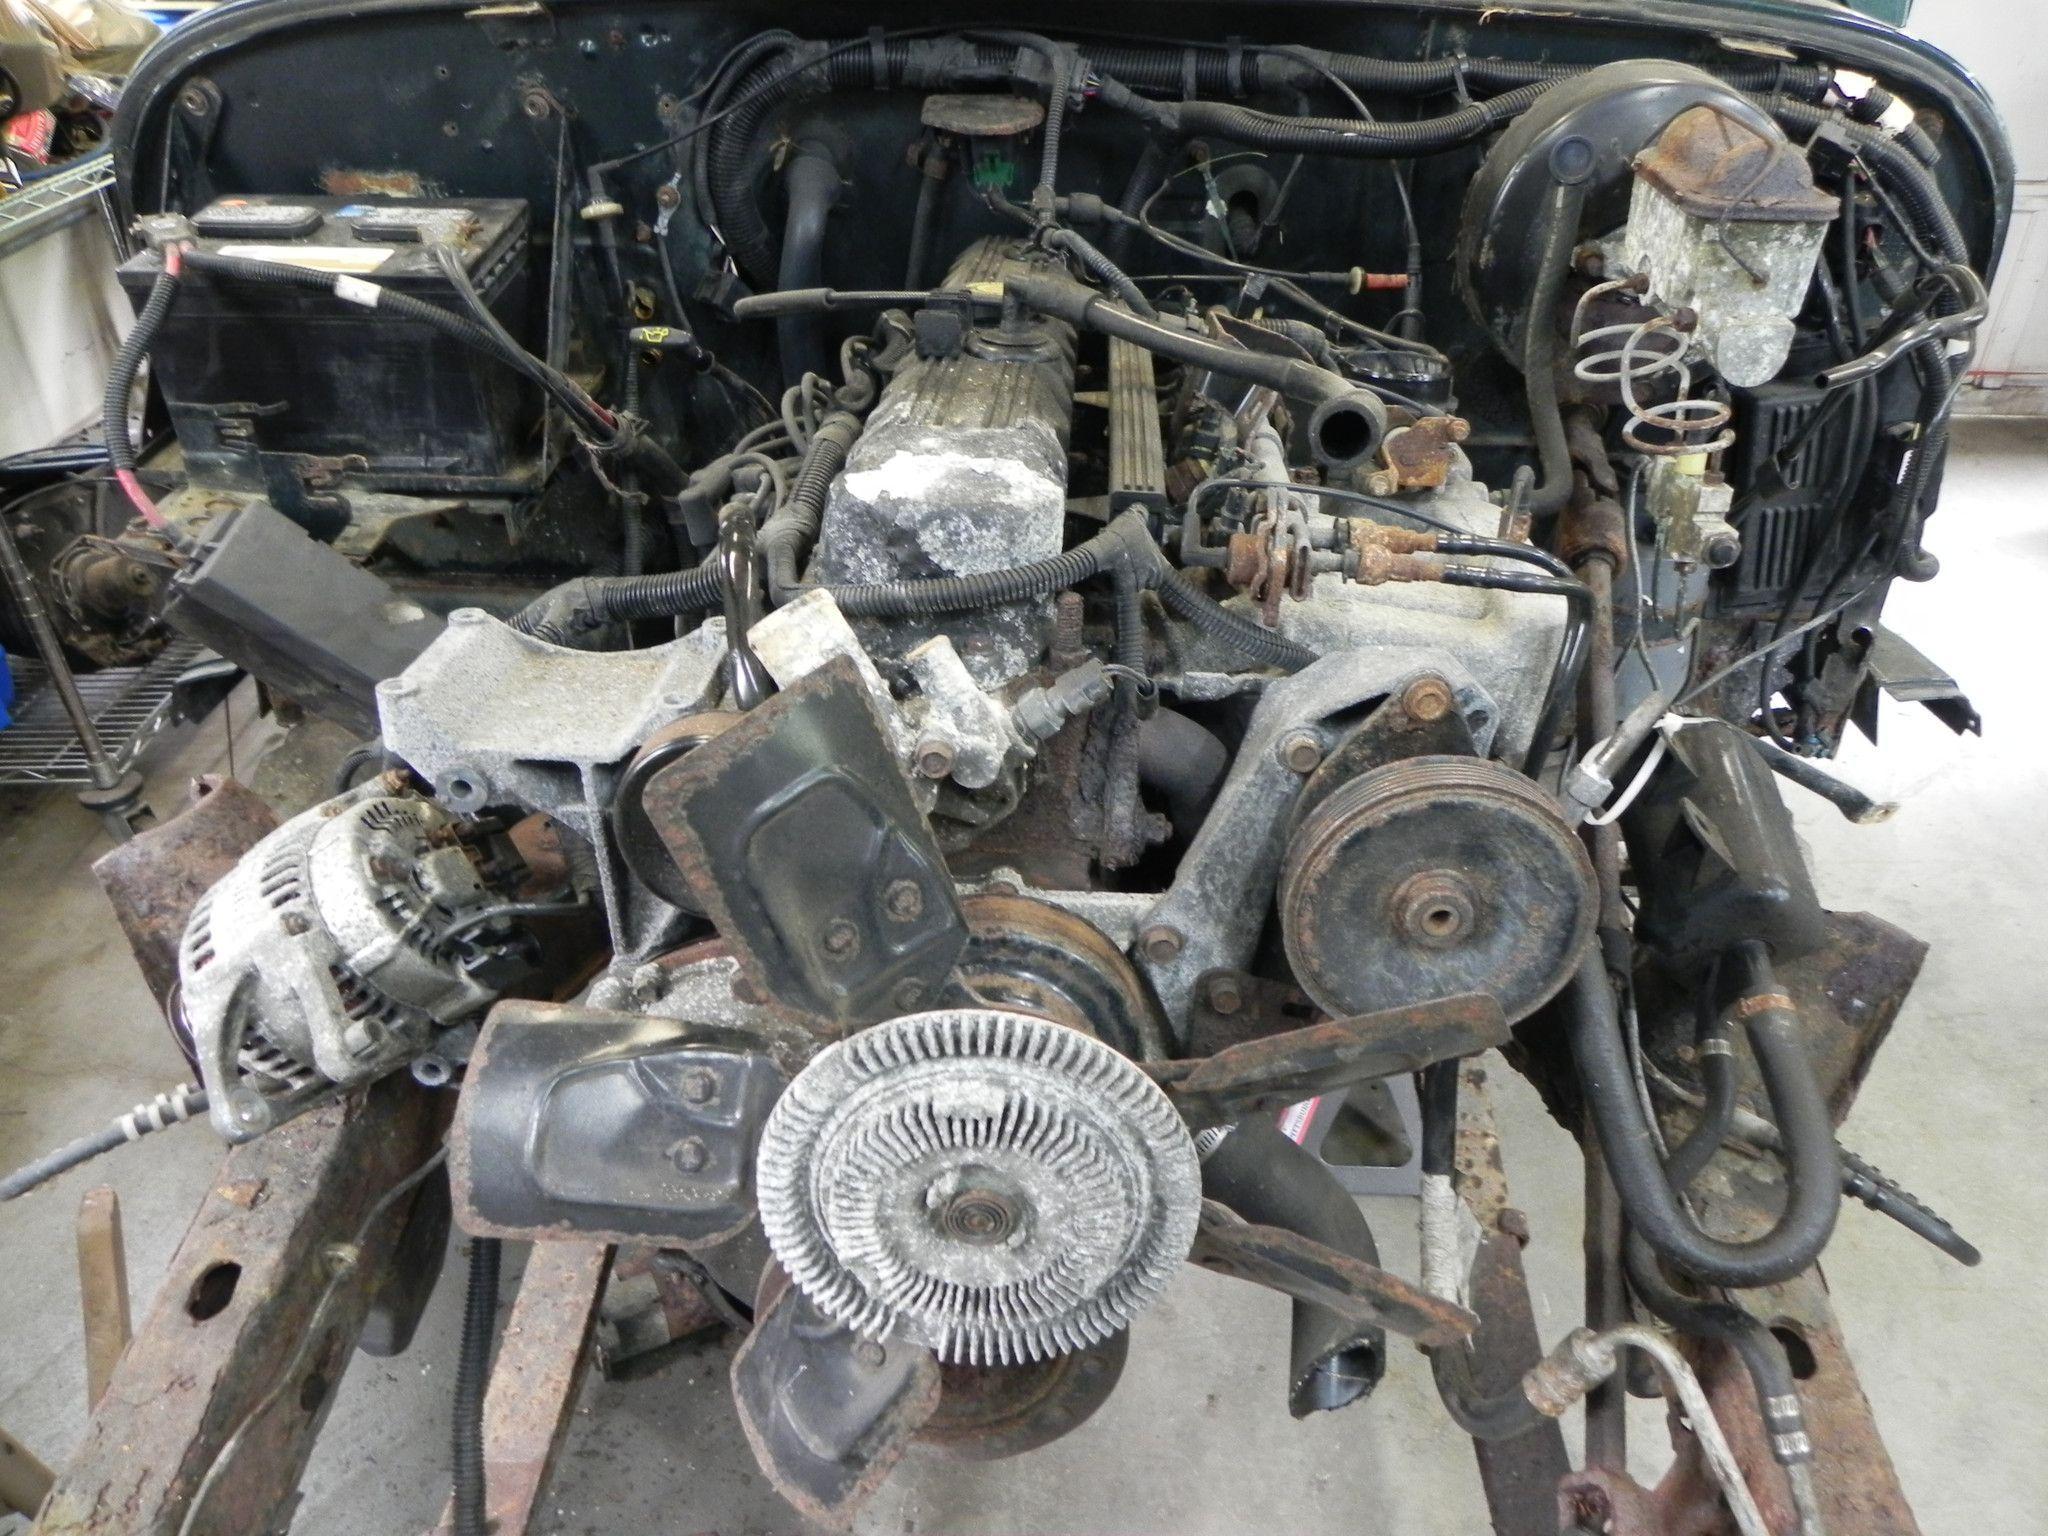 motor 4 0 liter straight 6 manual 115k miles 1994 jeep wrangler yj used jeep wrangler  [ 2048 x 1536 Pixel ]